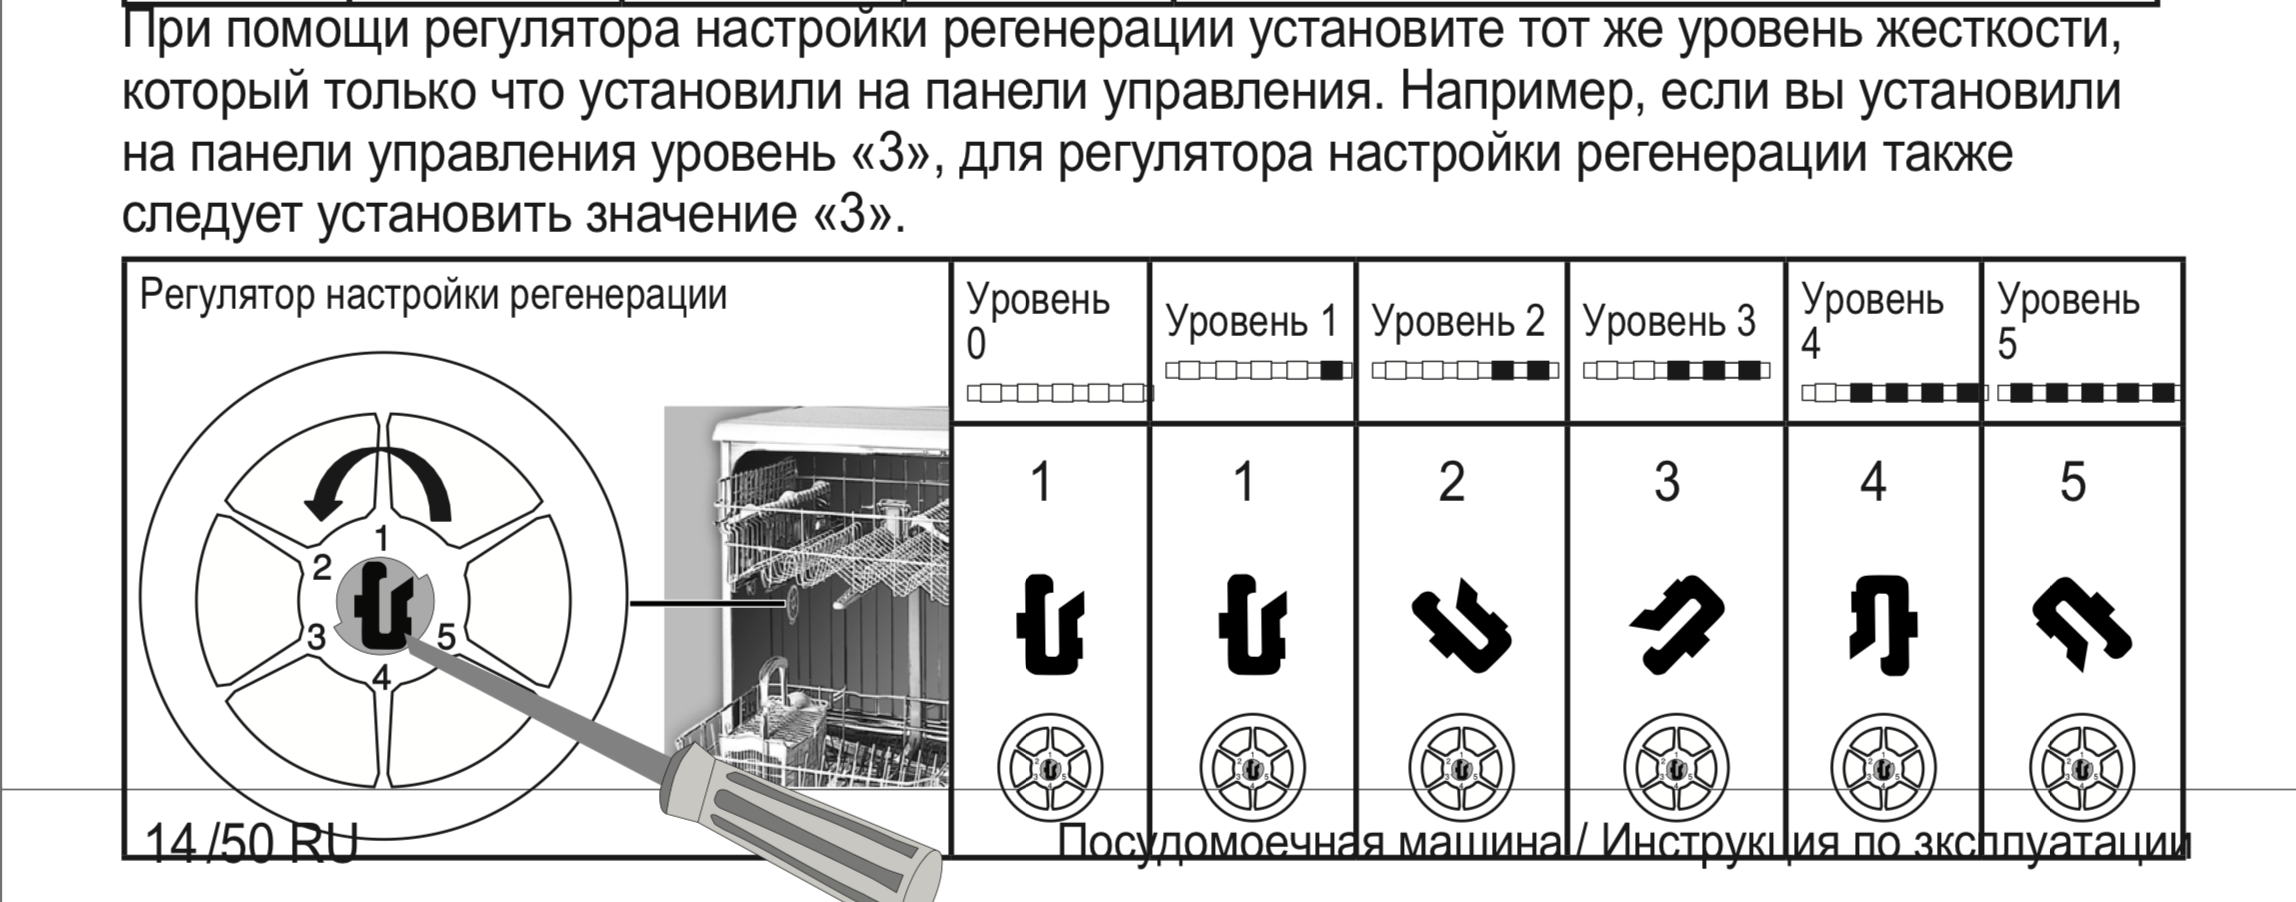 Скриншот страницы 14 модель посудомоечной машины BEKO DEN48522W